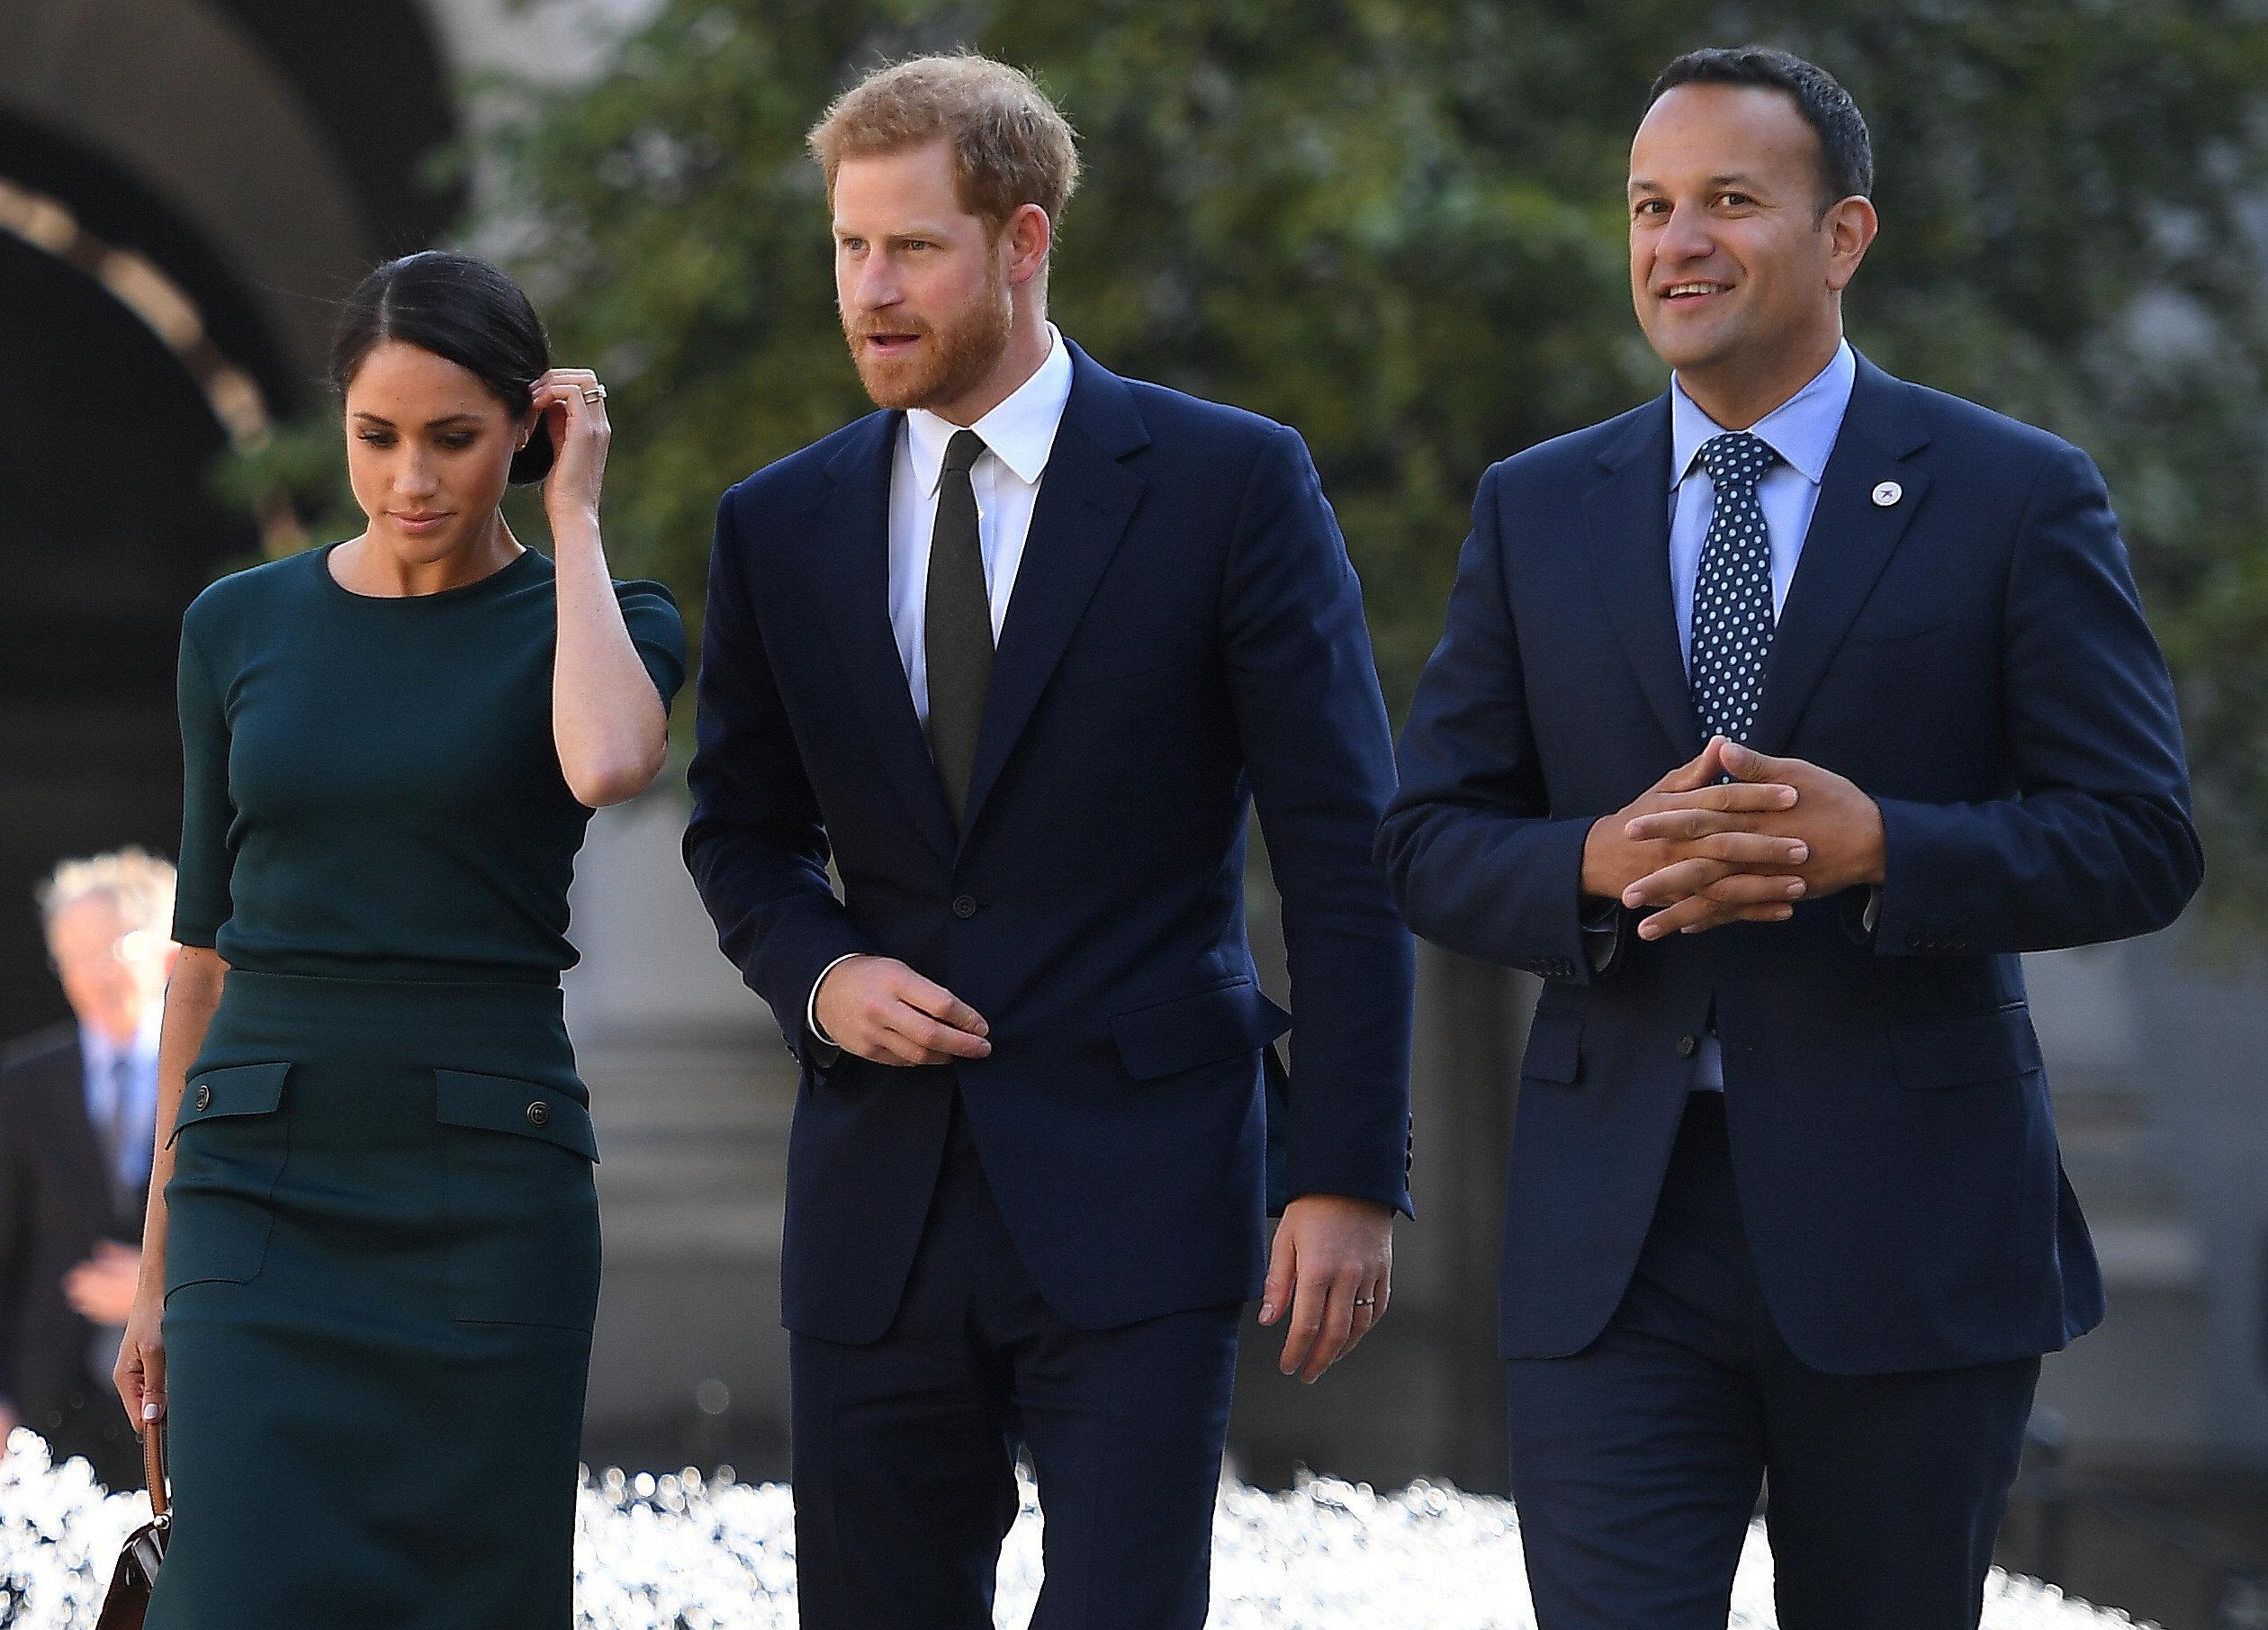 جانب من وصول الأمير هارى وزوجته ميجان ماركل